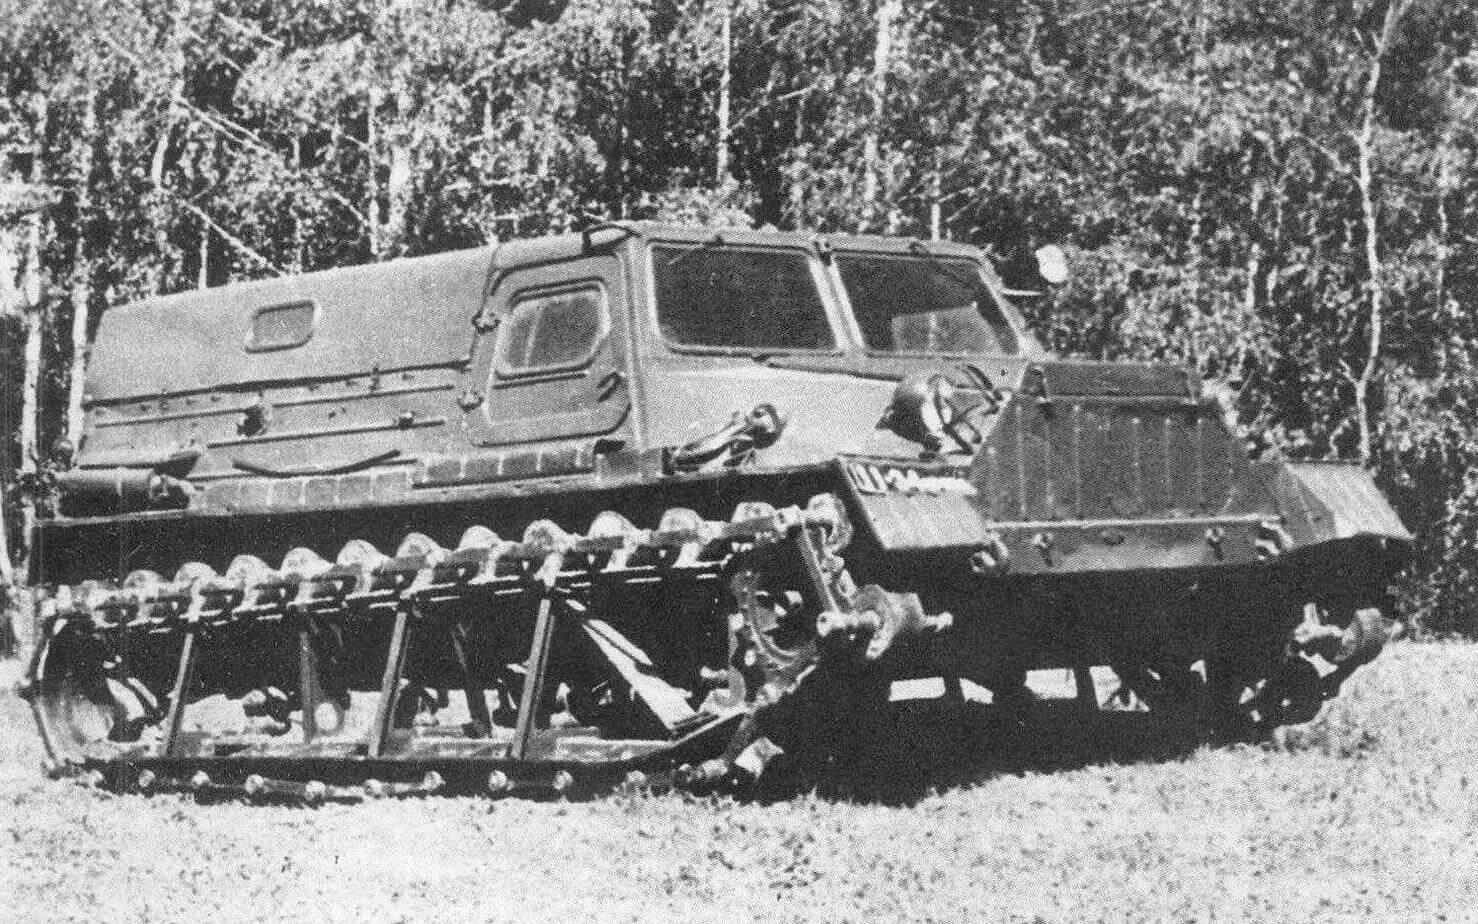 Опытный вездеход ГАЗ-47АМА